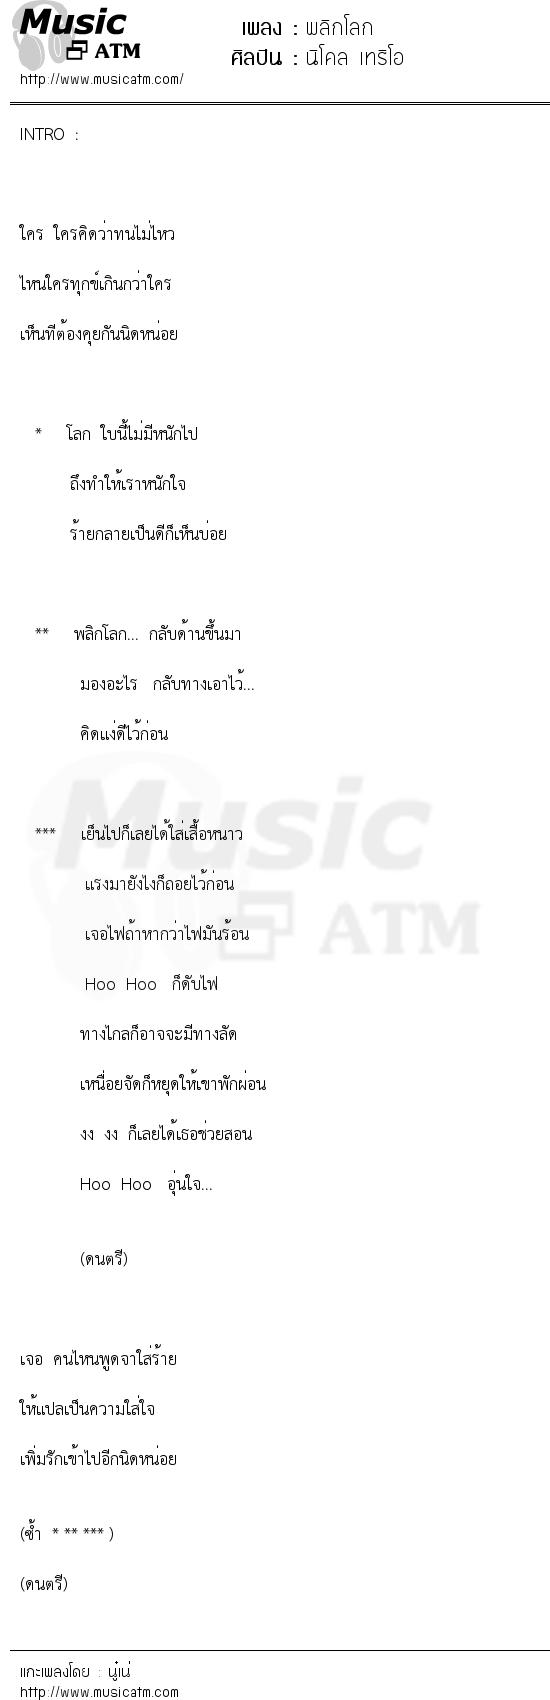 พลิกโลก | เพลงไทย